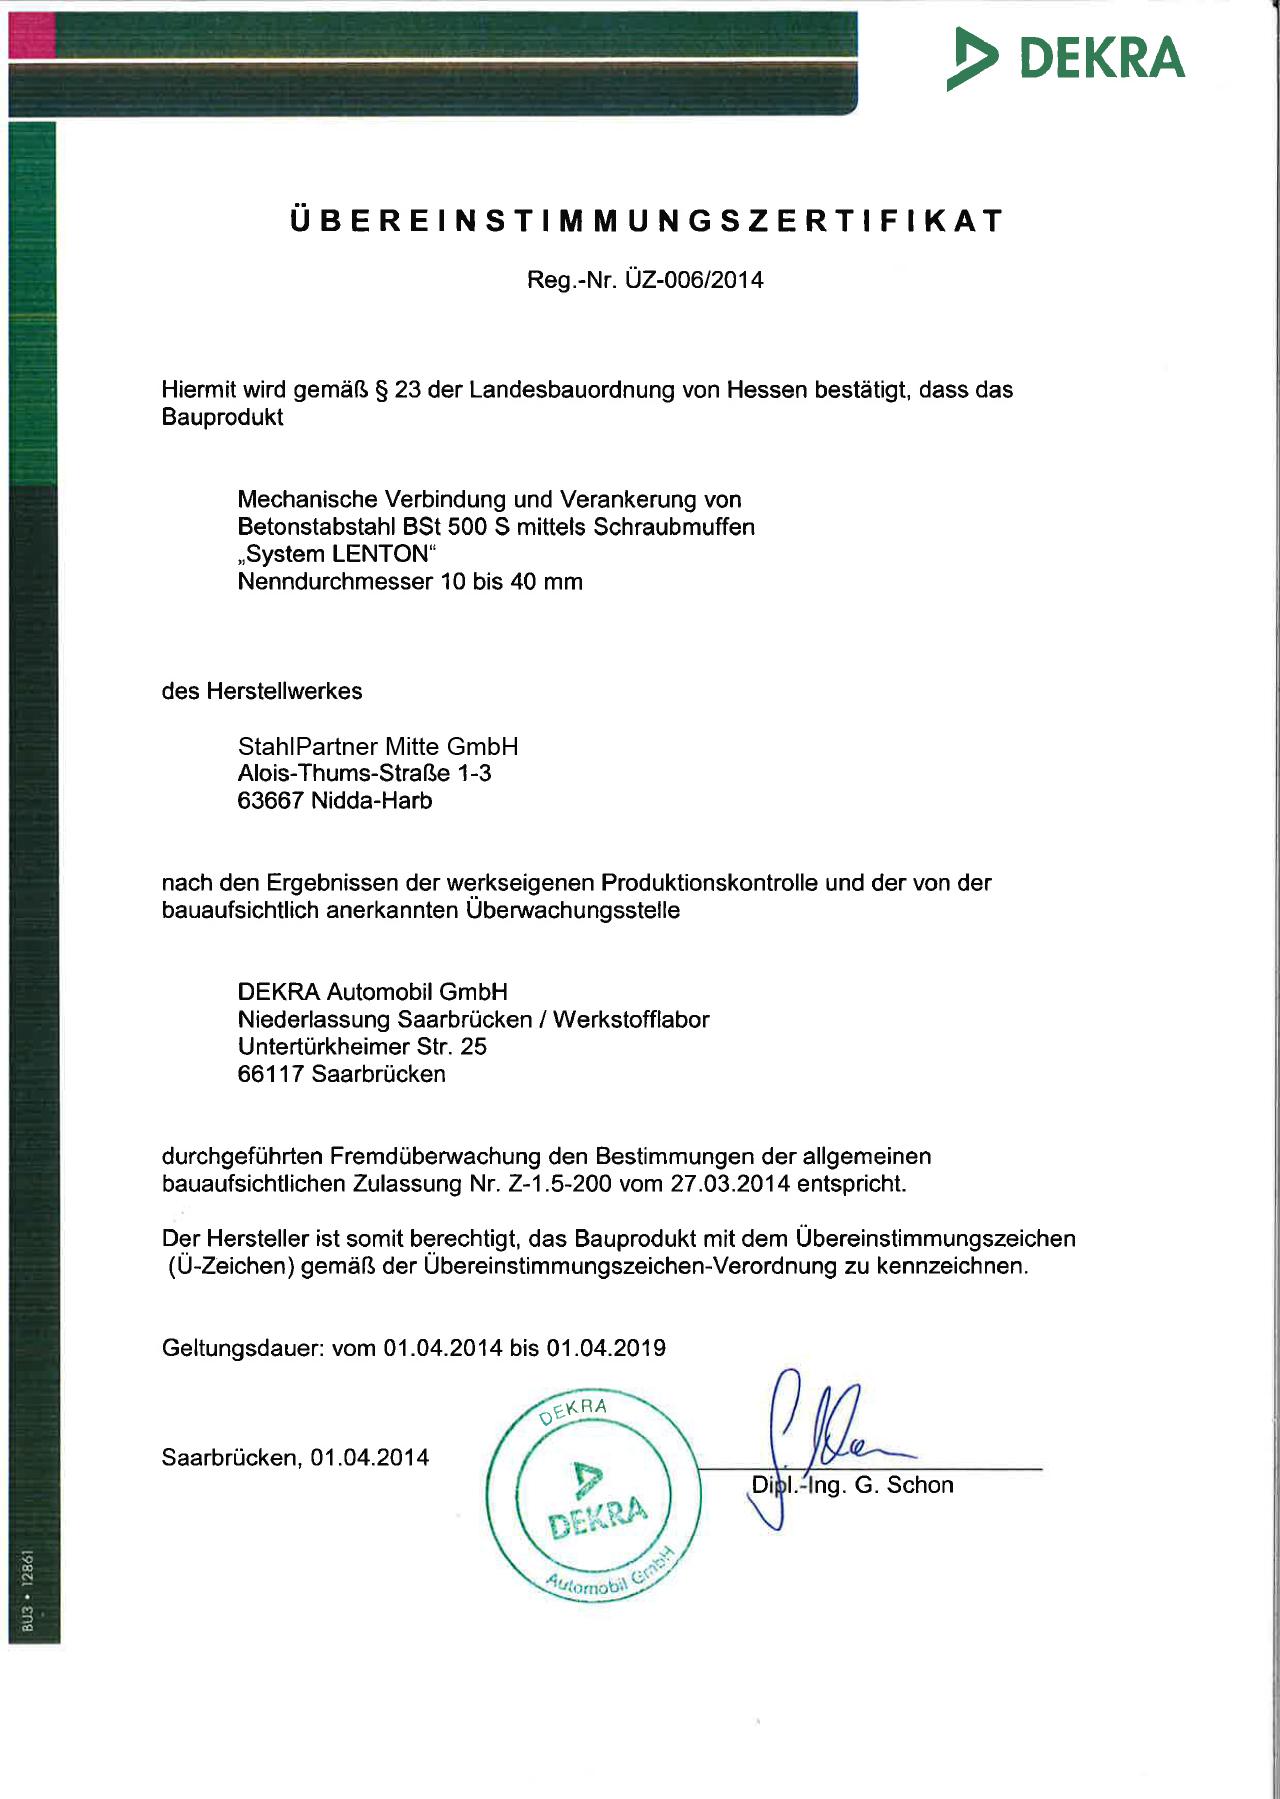 zertifikat_erico_lenton_stuetzpunkthaendler_urkunde